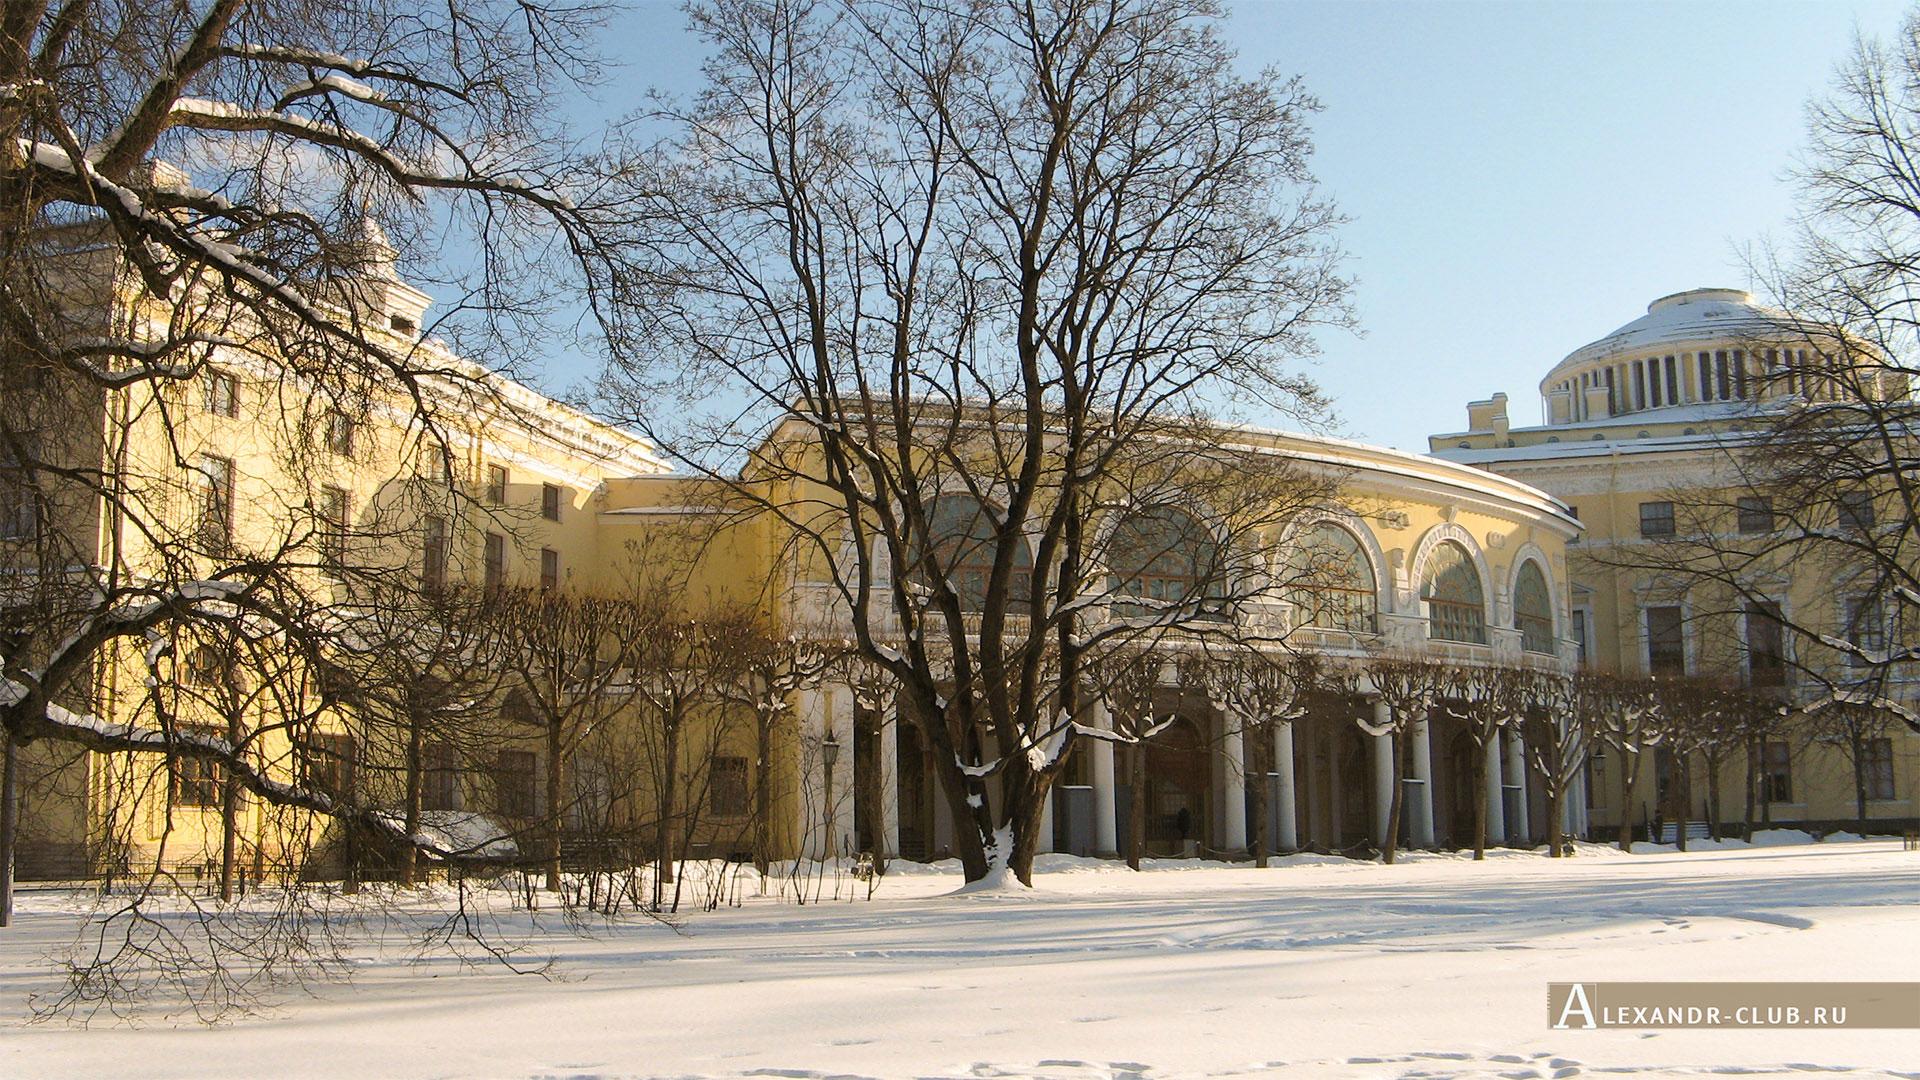 Павловск, зима, Павловский дворец, Галерея Гонзаго